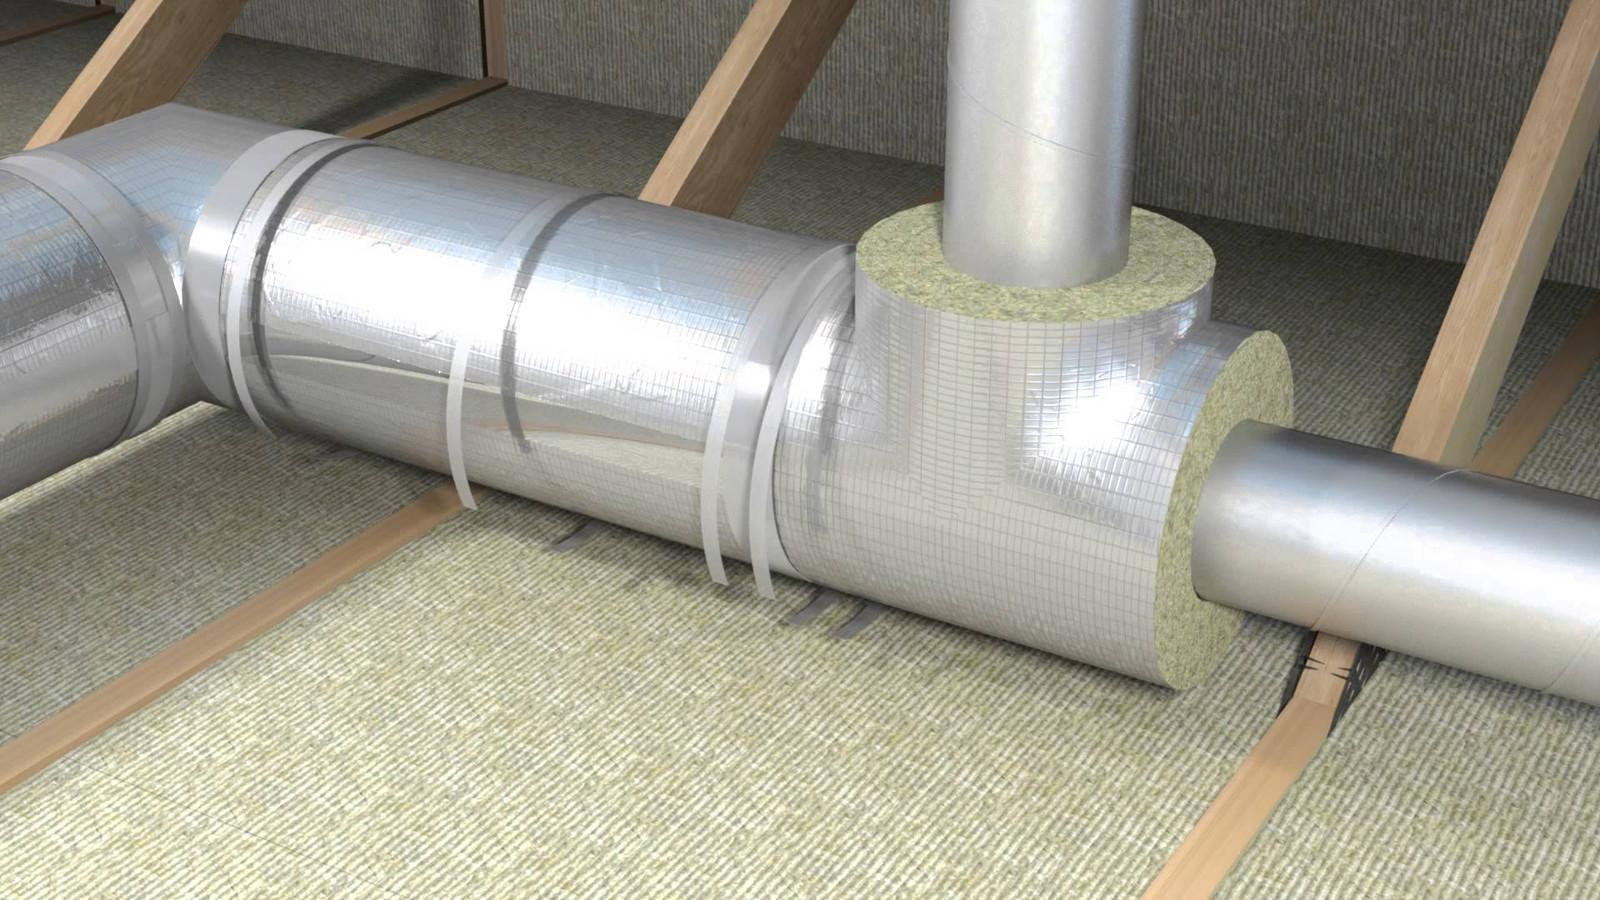 Теплоизоляция наружных воздуховодов вентиляции